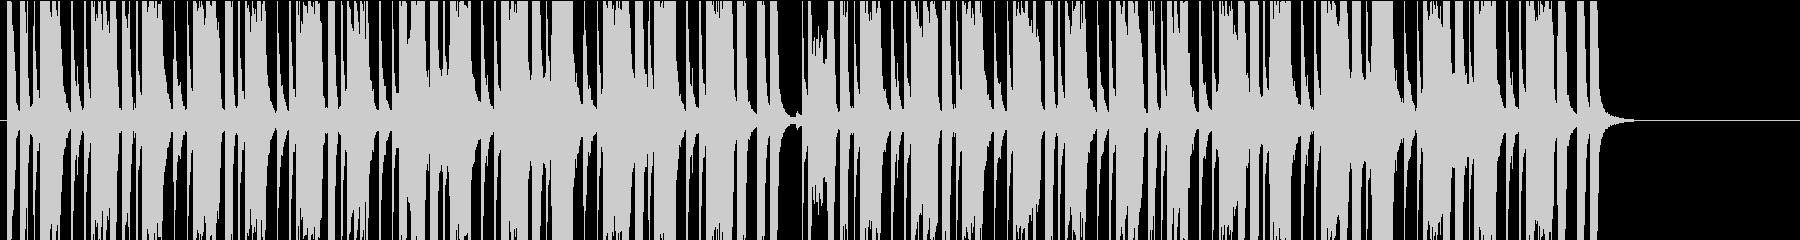 クラシックロック系の緊迫あるBGMの未再生の波形